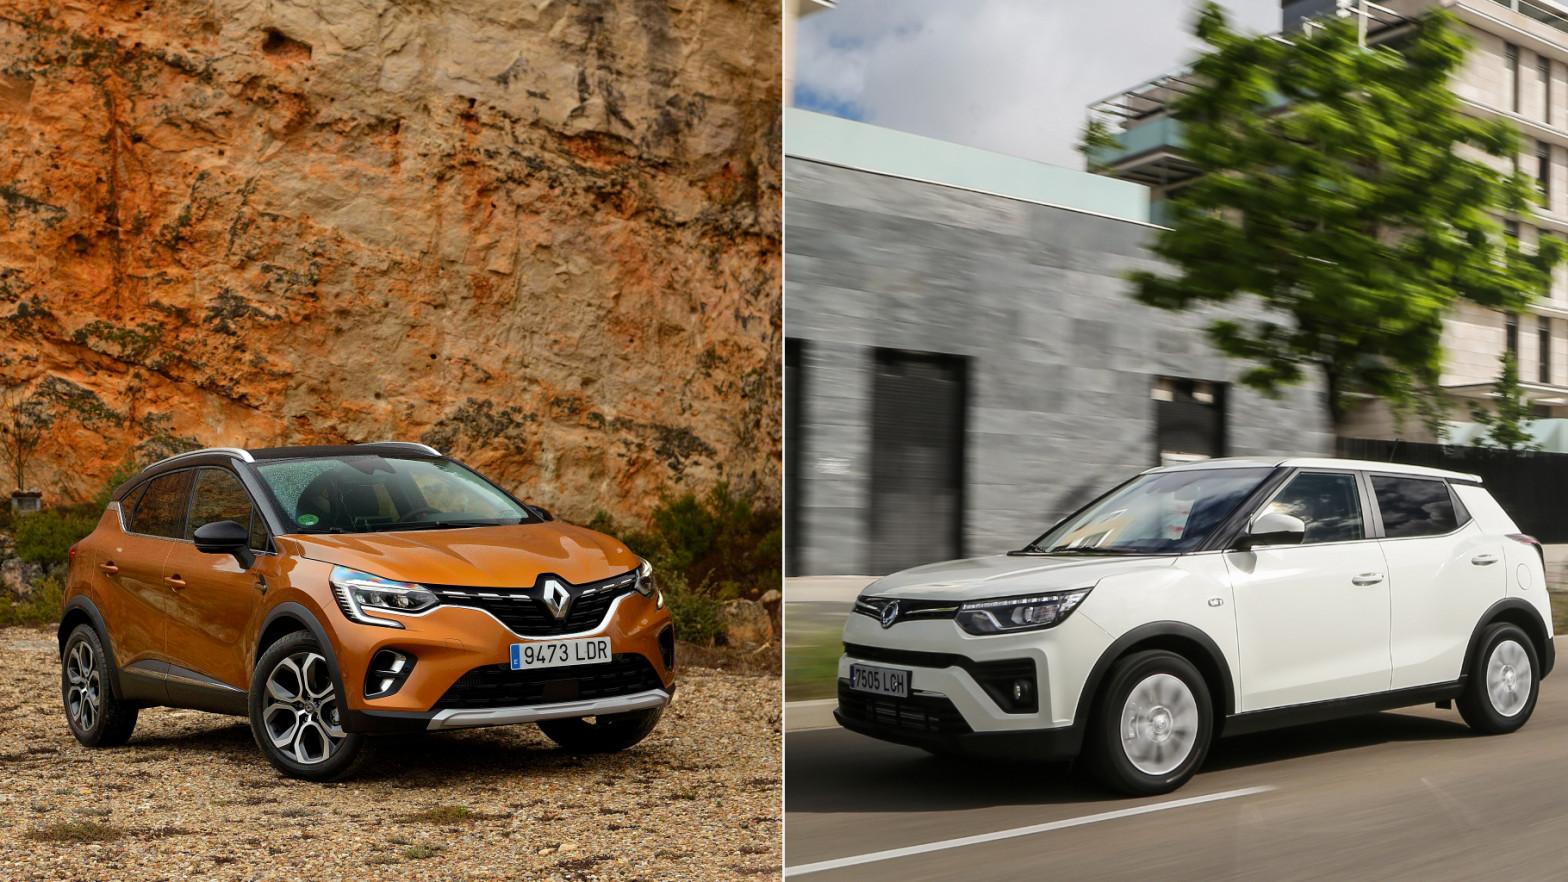 Captur y Tivoli GLP, dos alternativas al coche eléctrico mucho más asequibles